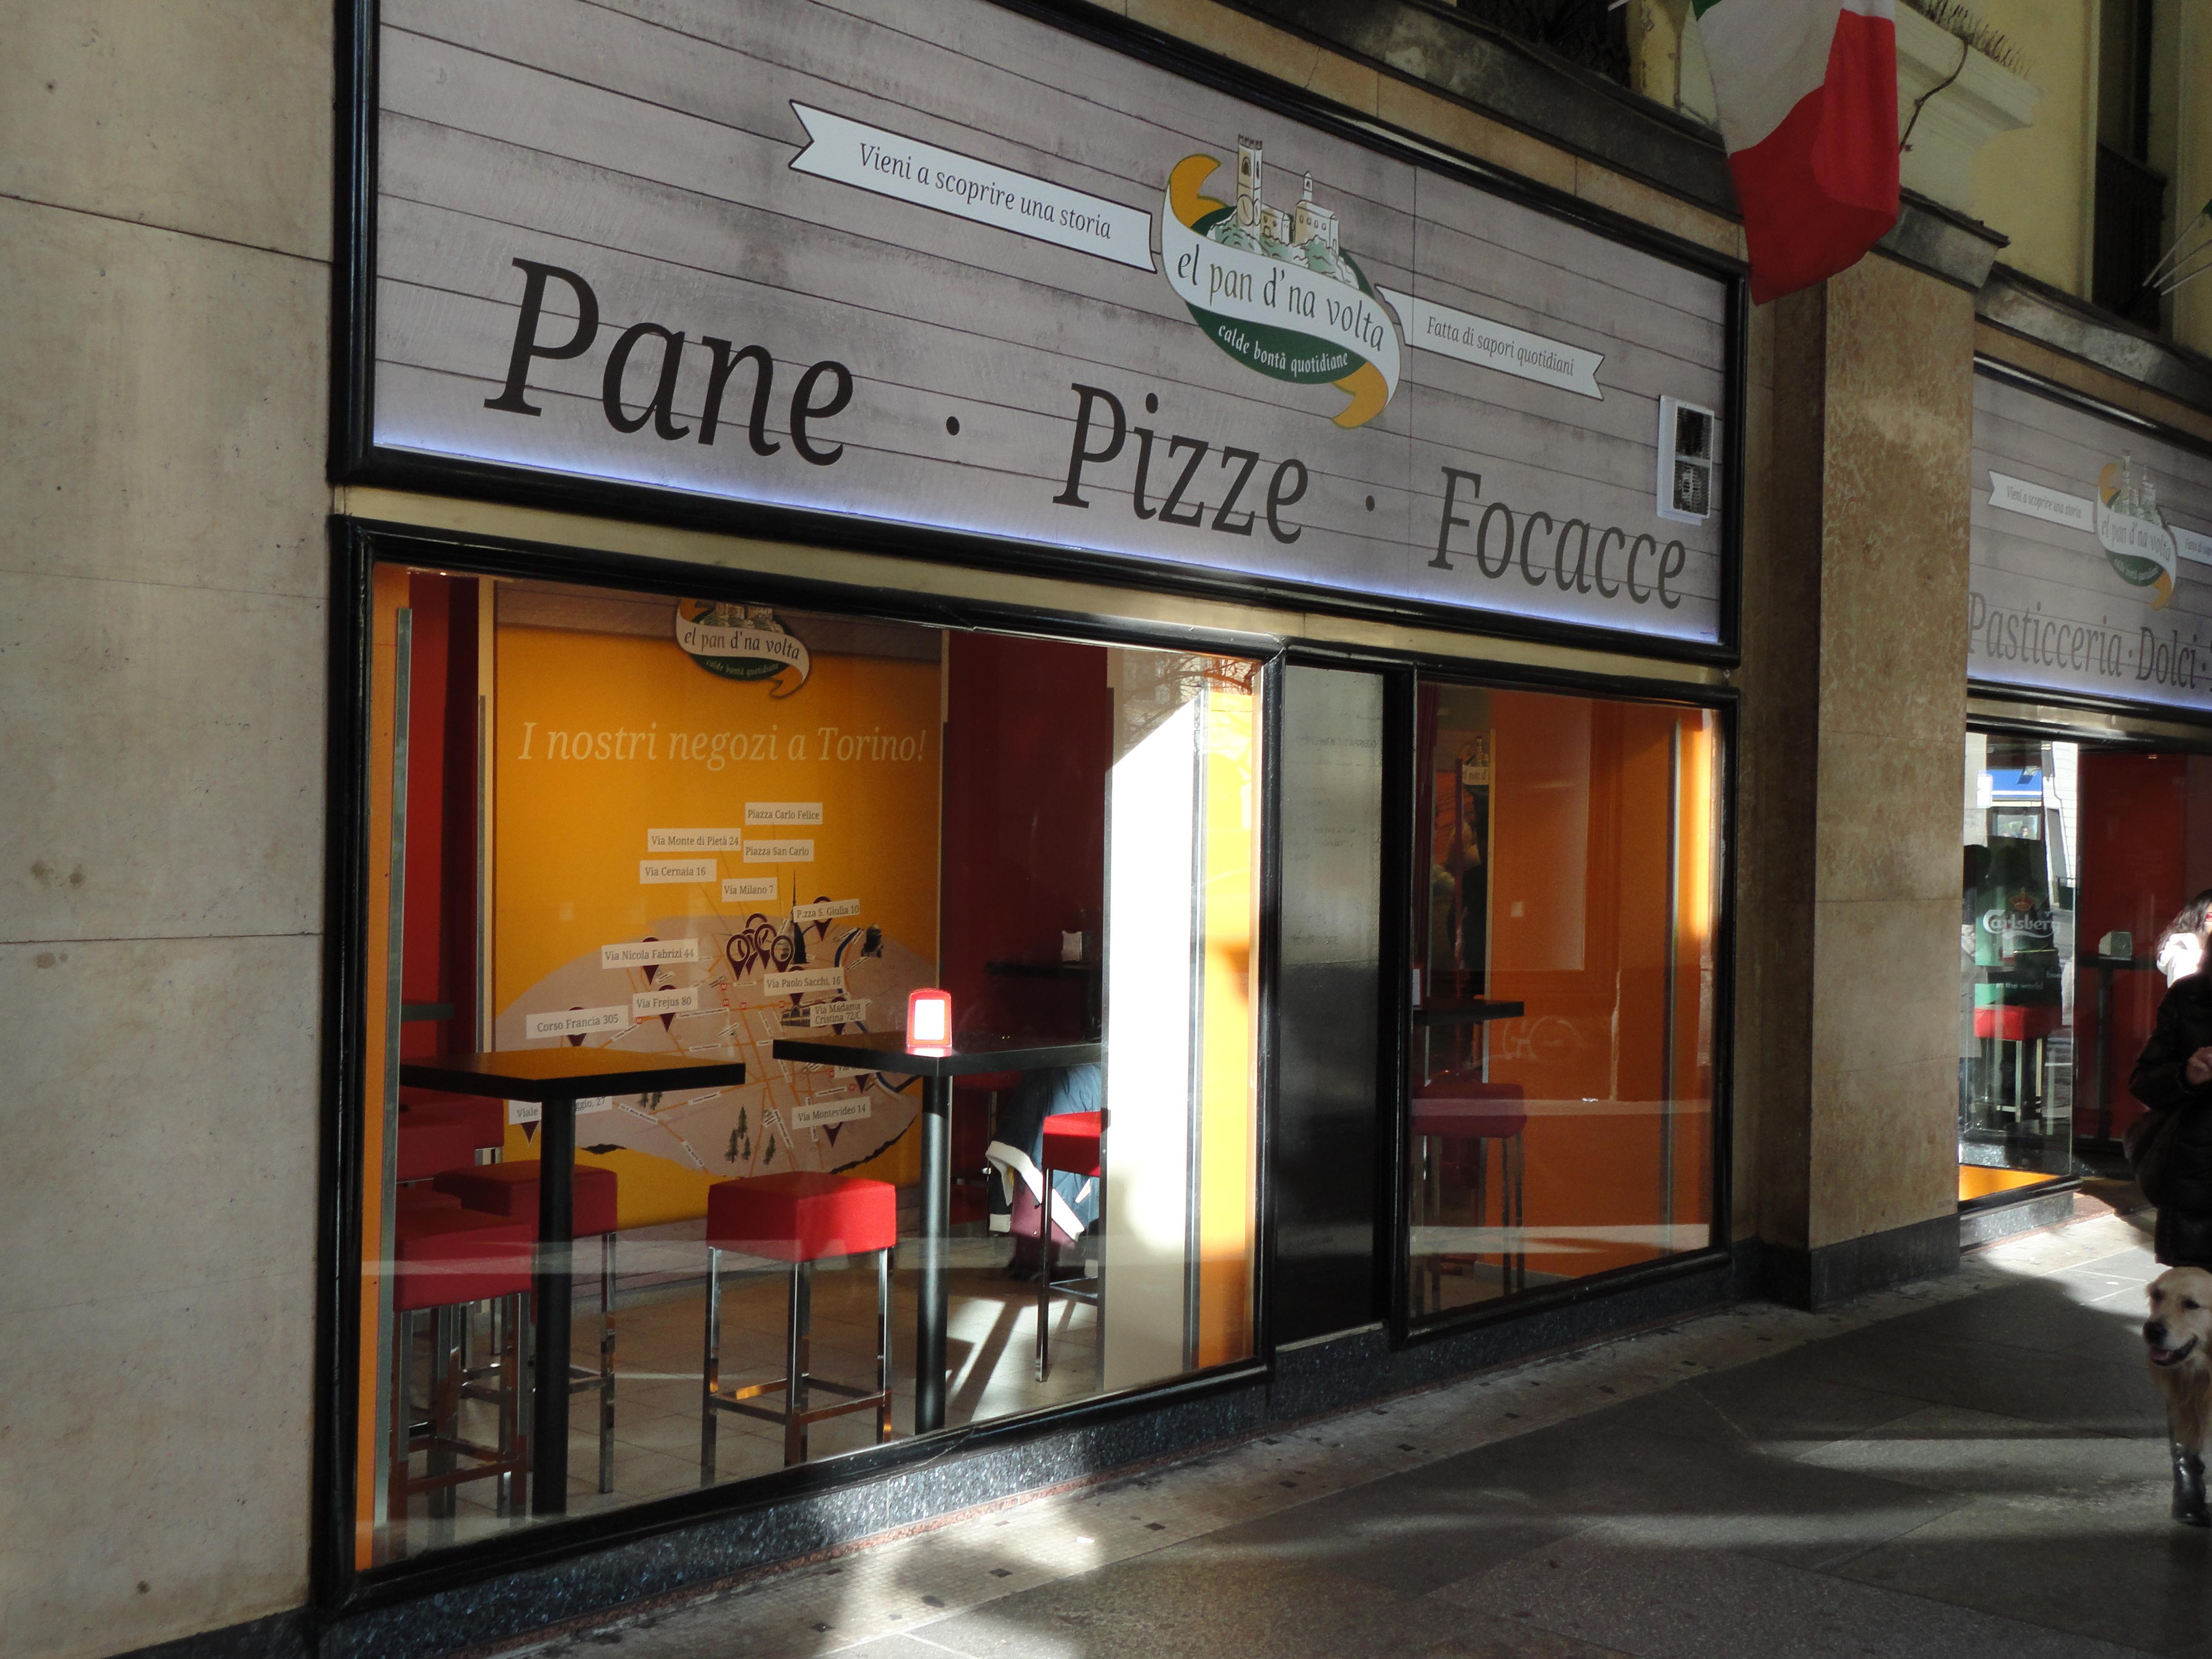 Nuovi negozi per Torino  Il Blog di Romano Borrelli